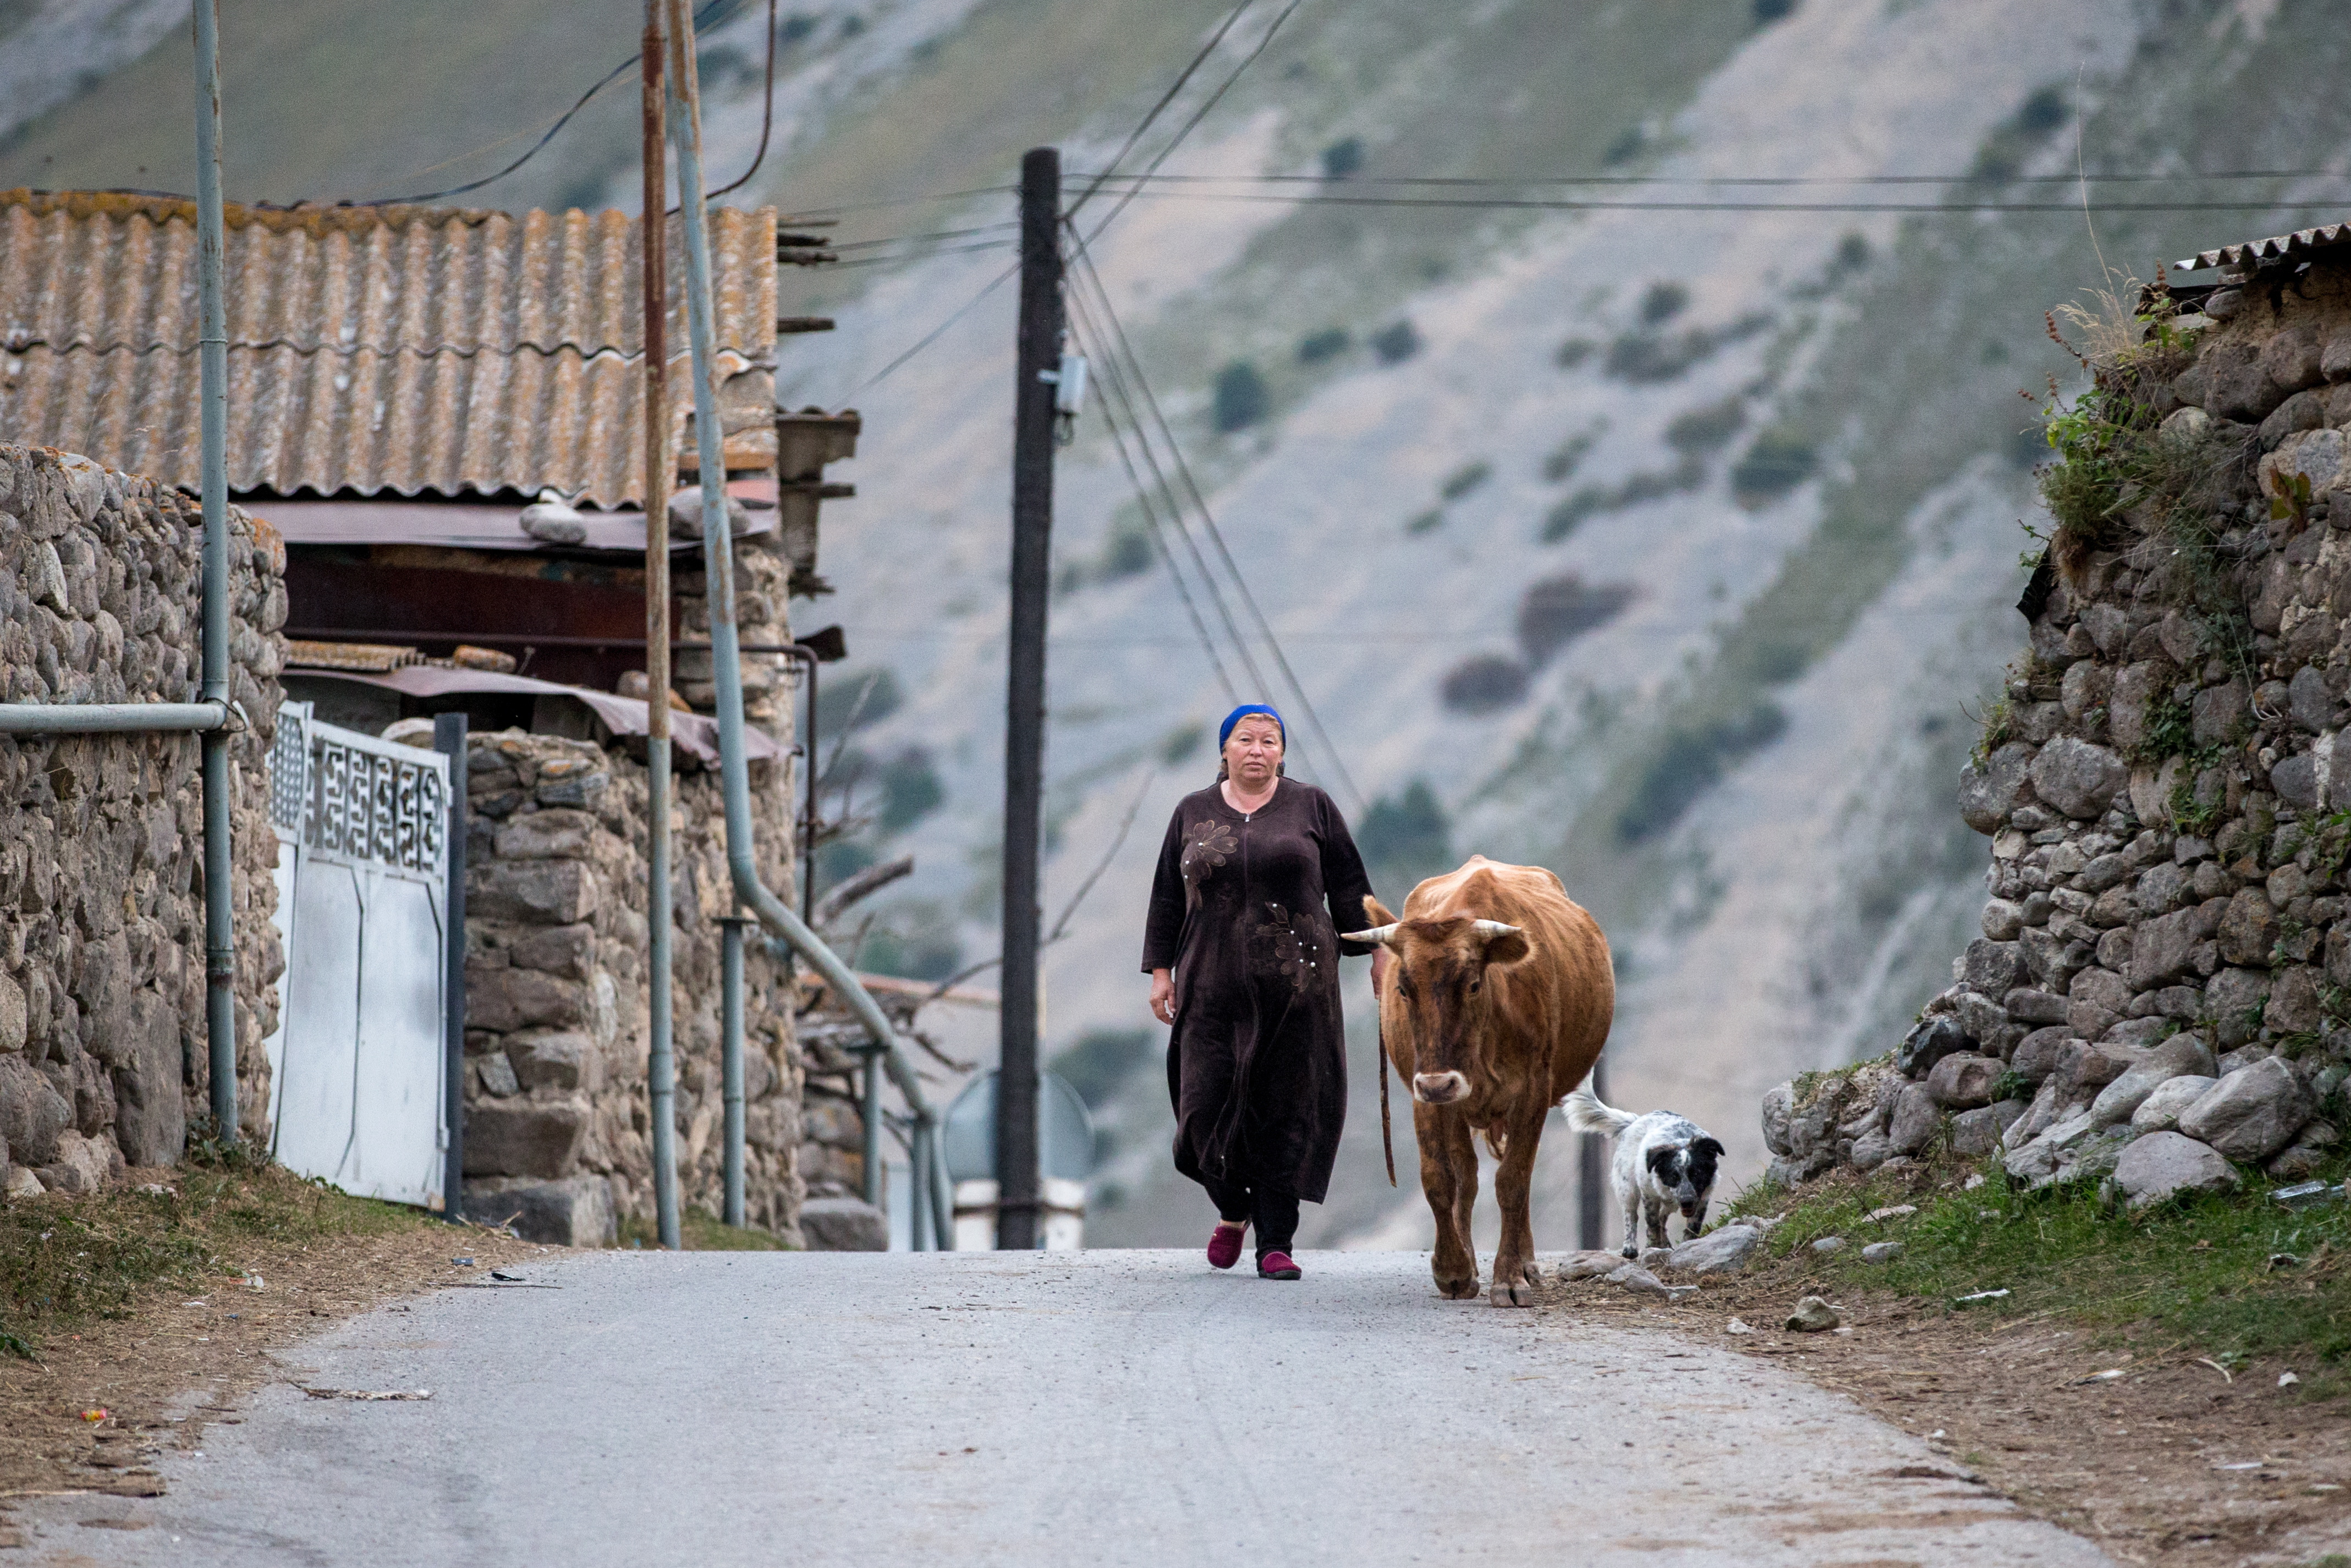 Горные аулы Северного Кавказа могут войти в Ассоциацию самых красивых деревень России